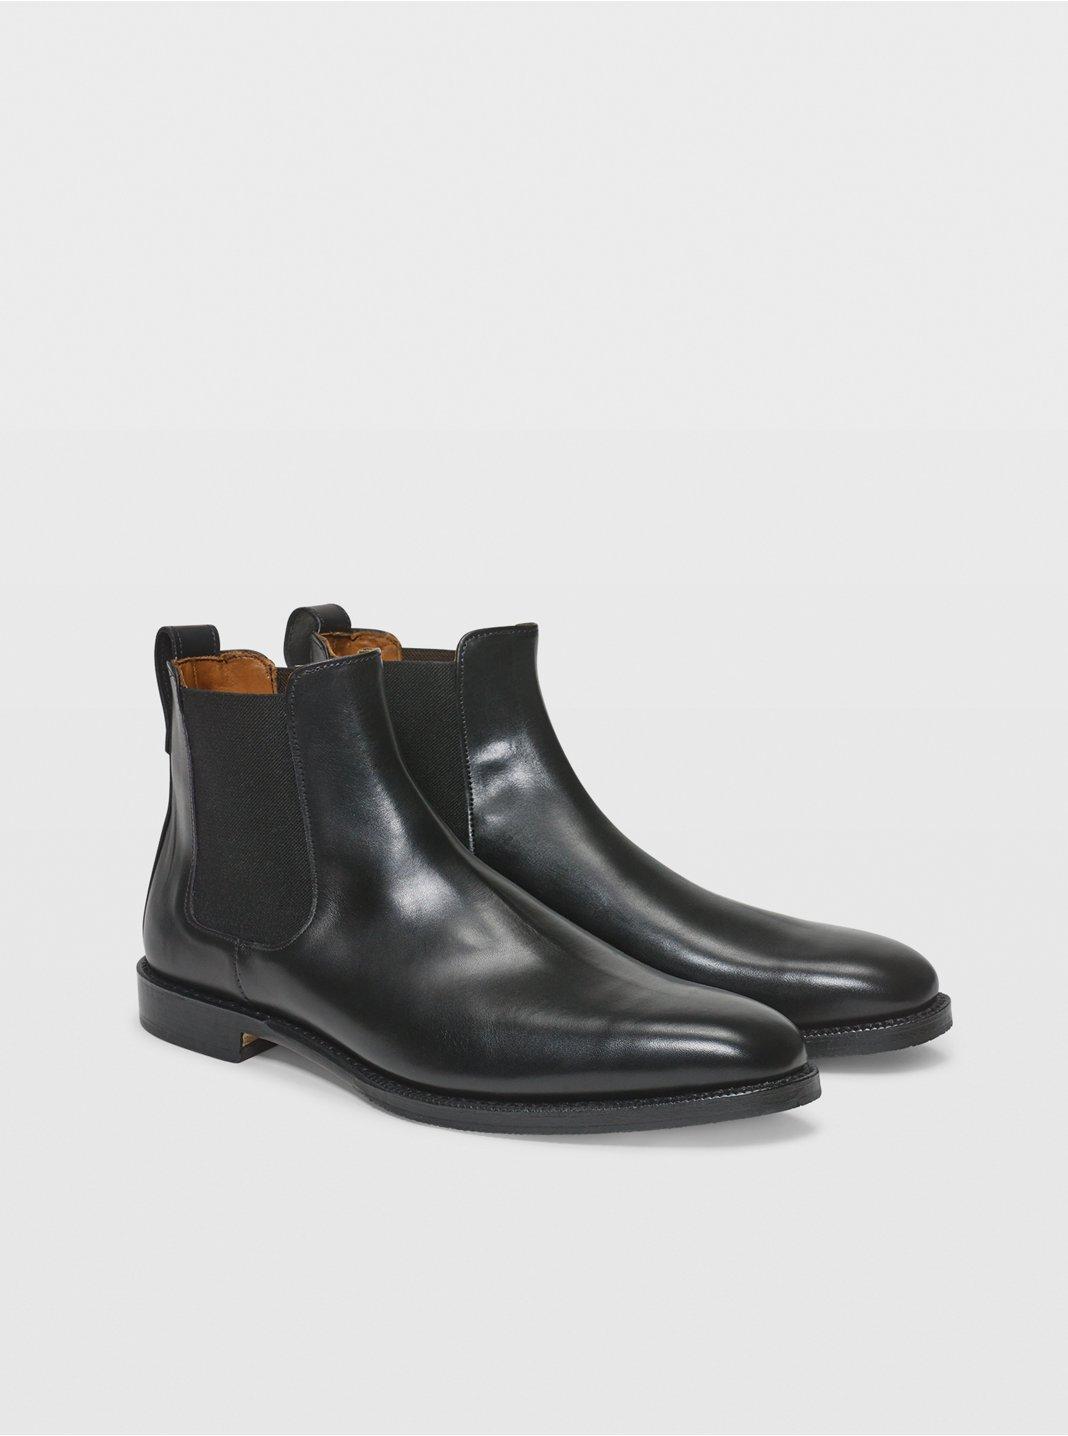 Allen Edmonds Chelsea Boot